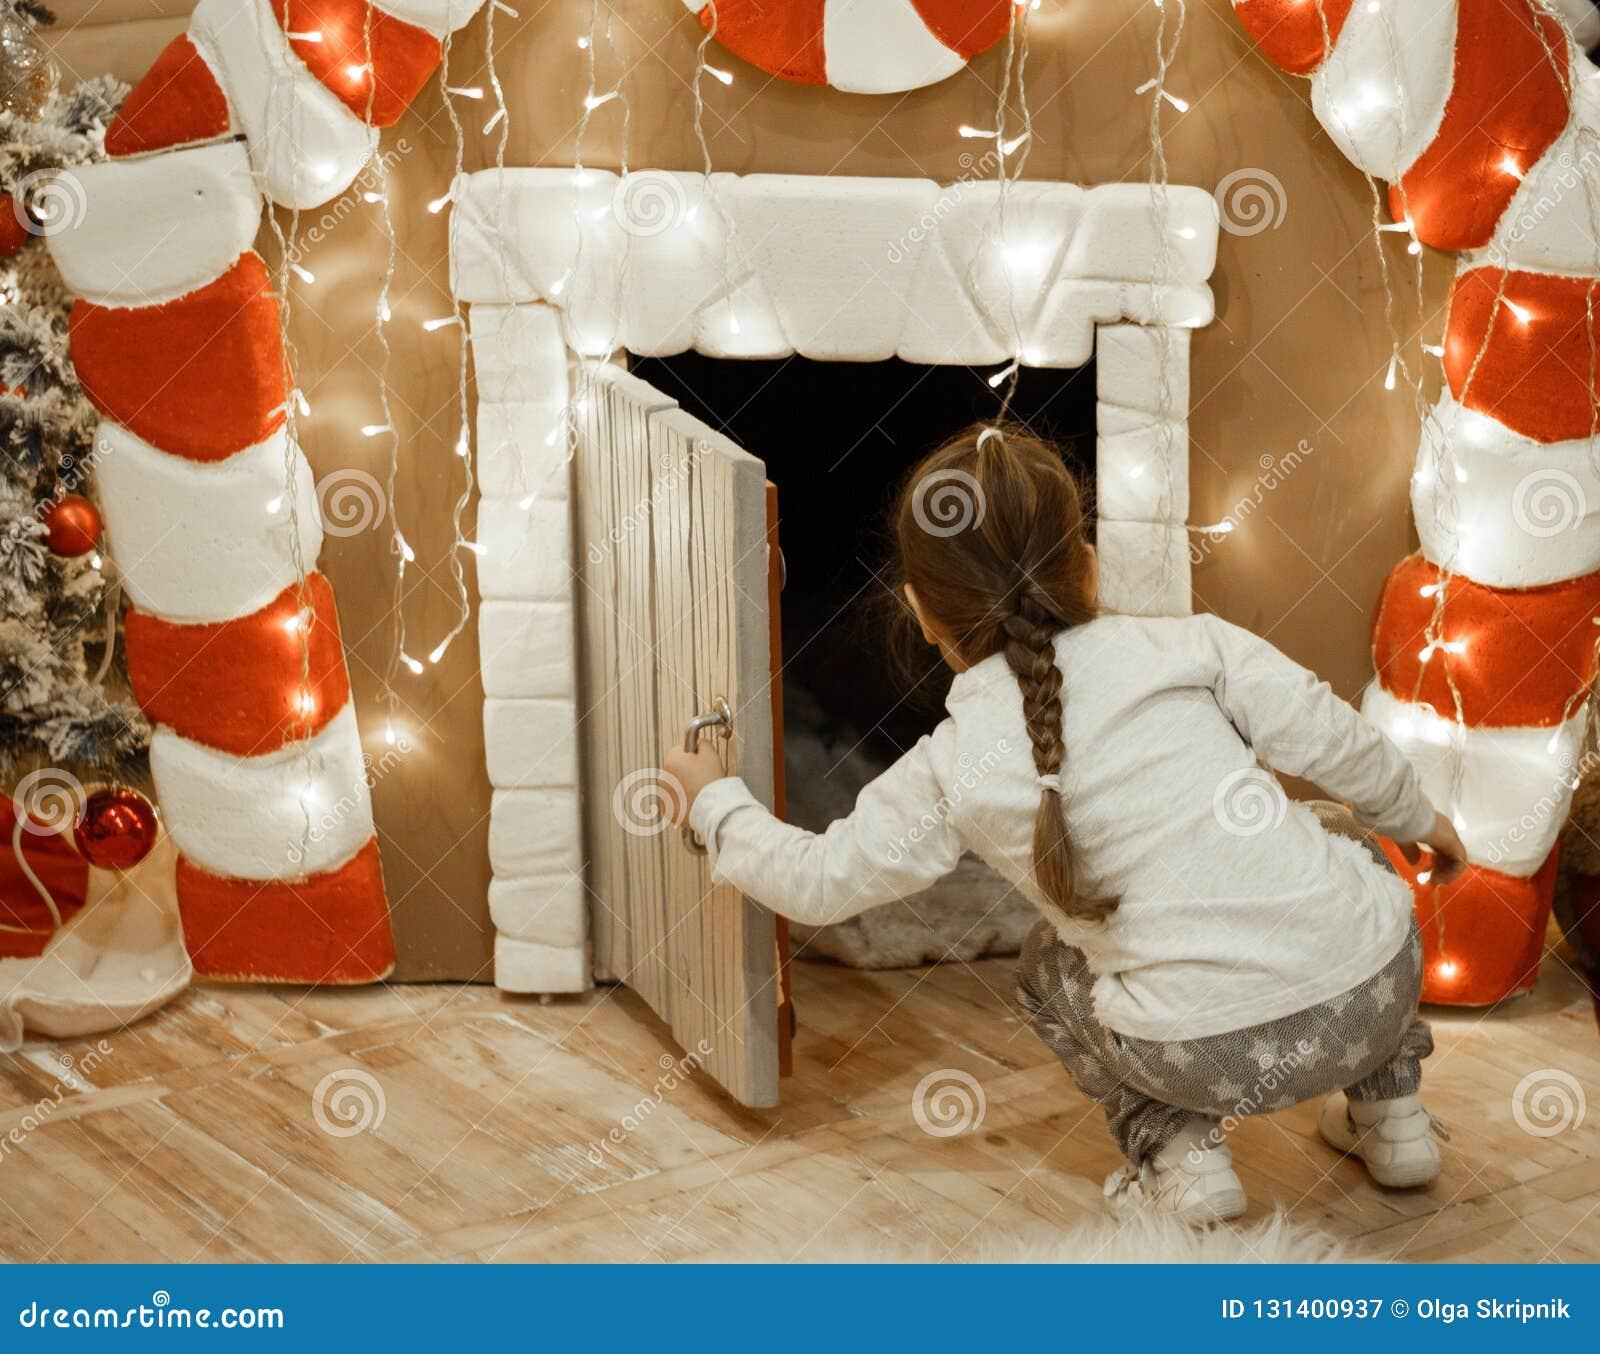 Маленькая девочка смотрит в доме пряника, оформлении Нового Года, около светов и рождественской елки